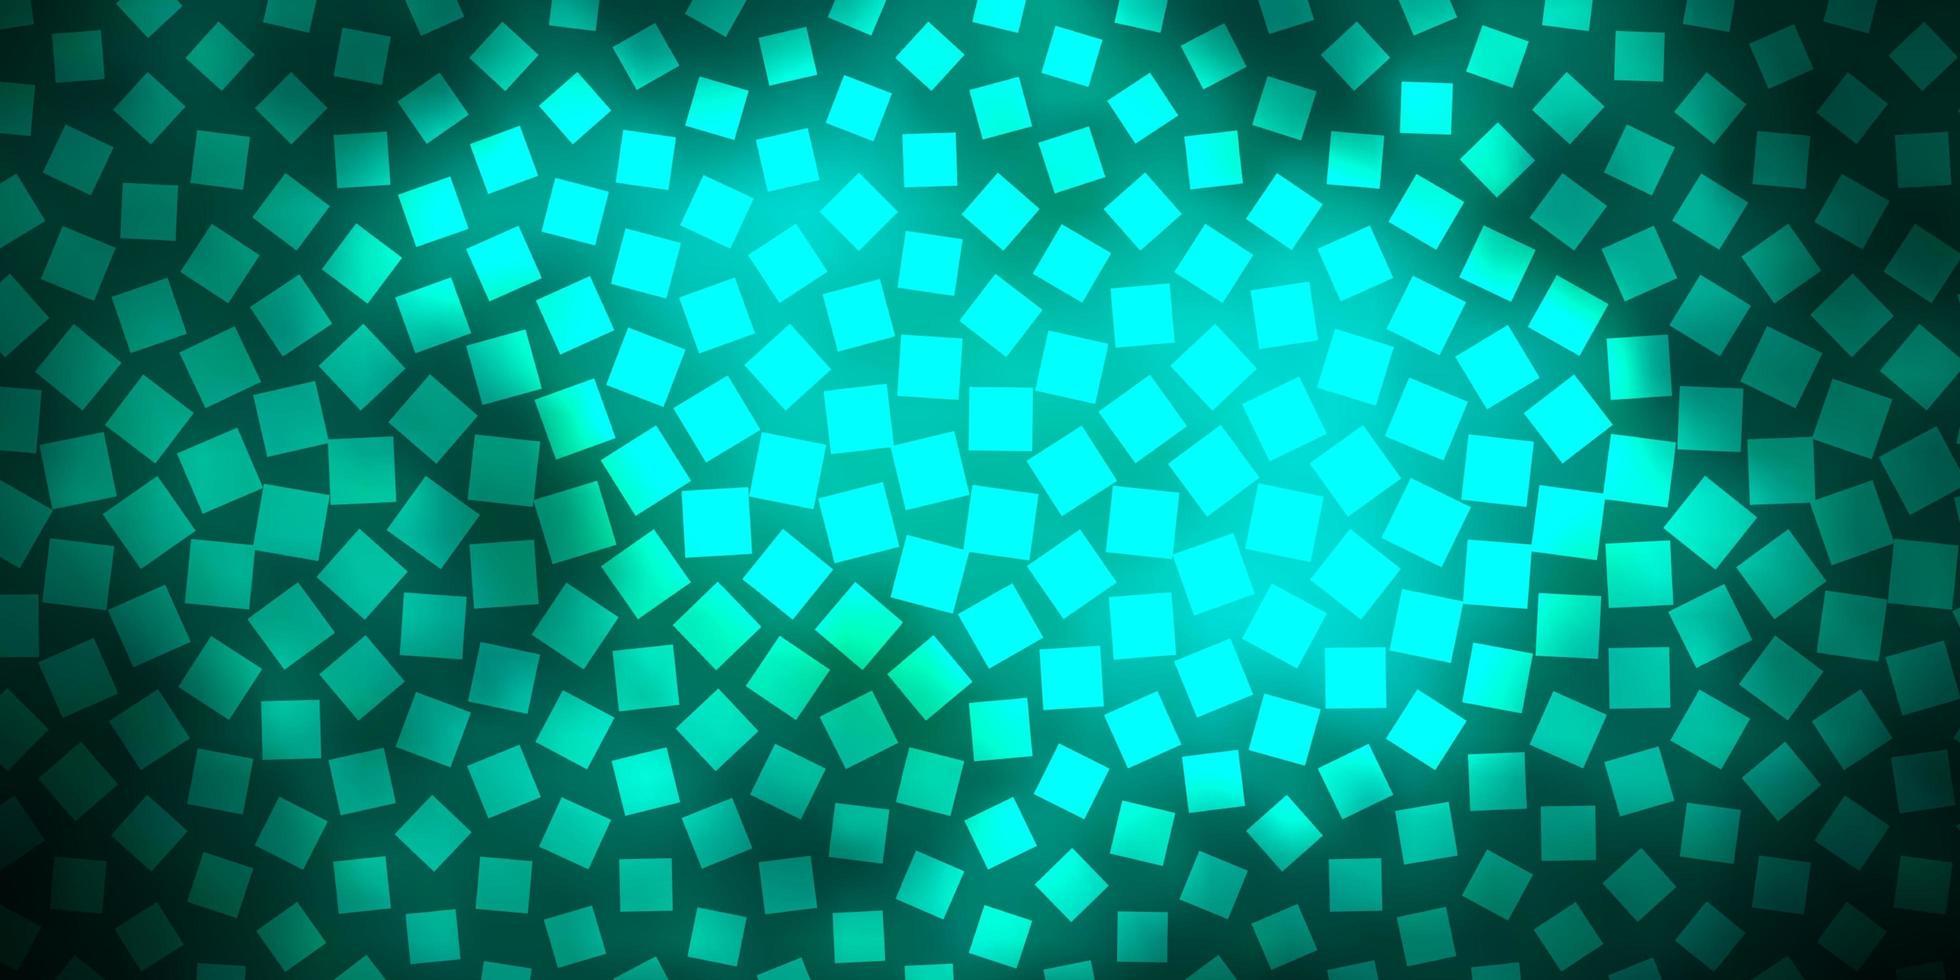 donkergroene vectorlay-out met lijnen, rechthoeken. vector